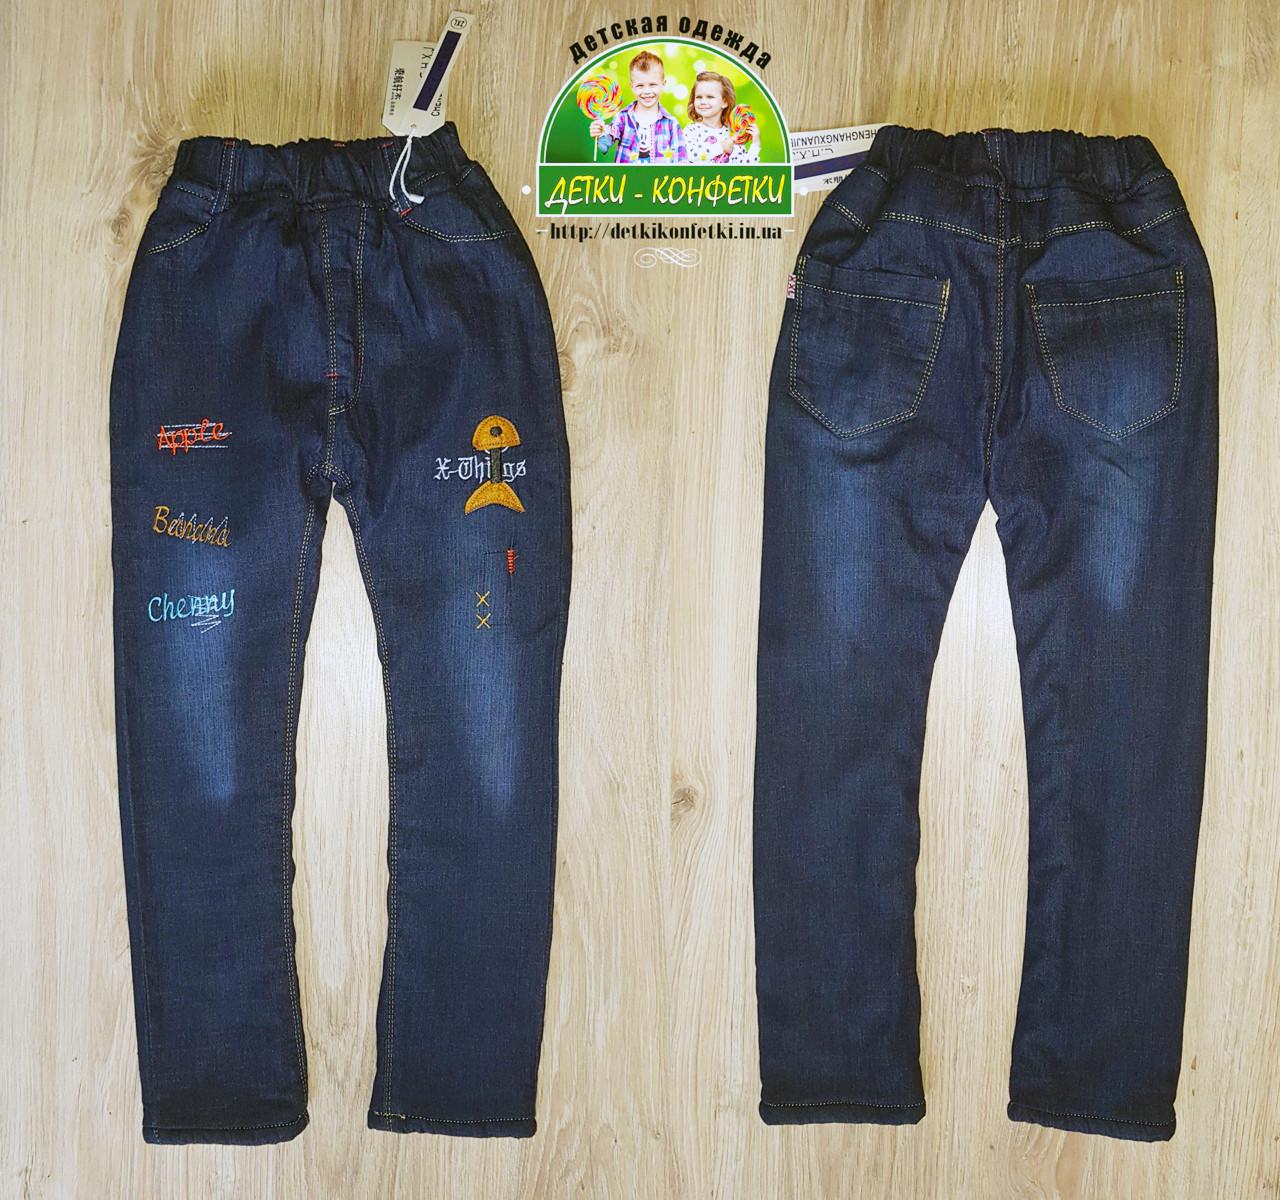 Теплые джинсы на зиму для мальчика